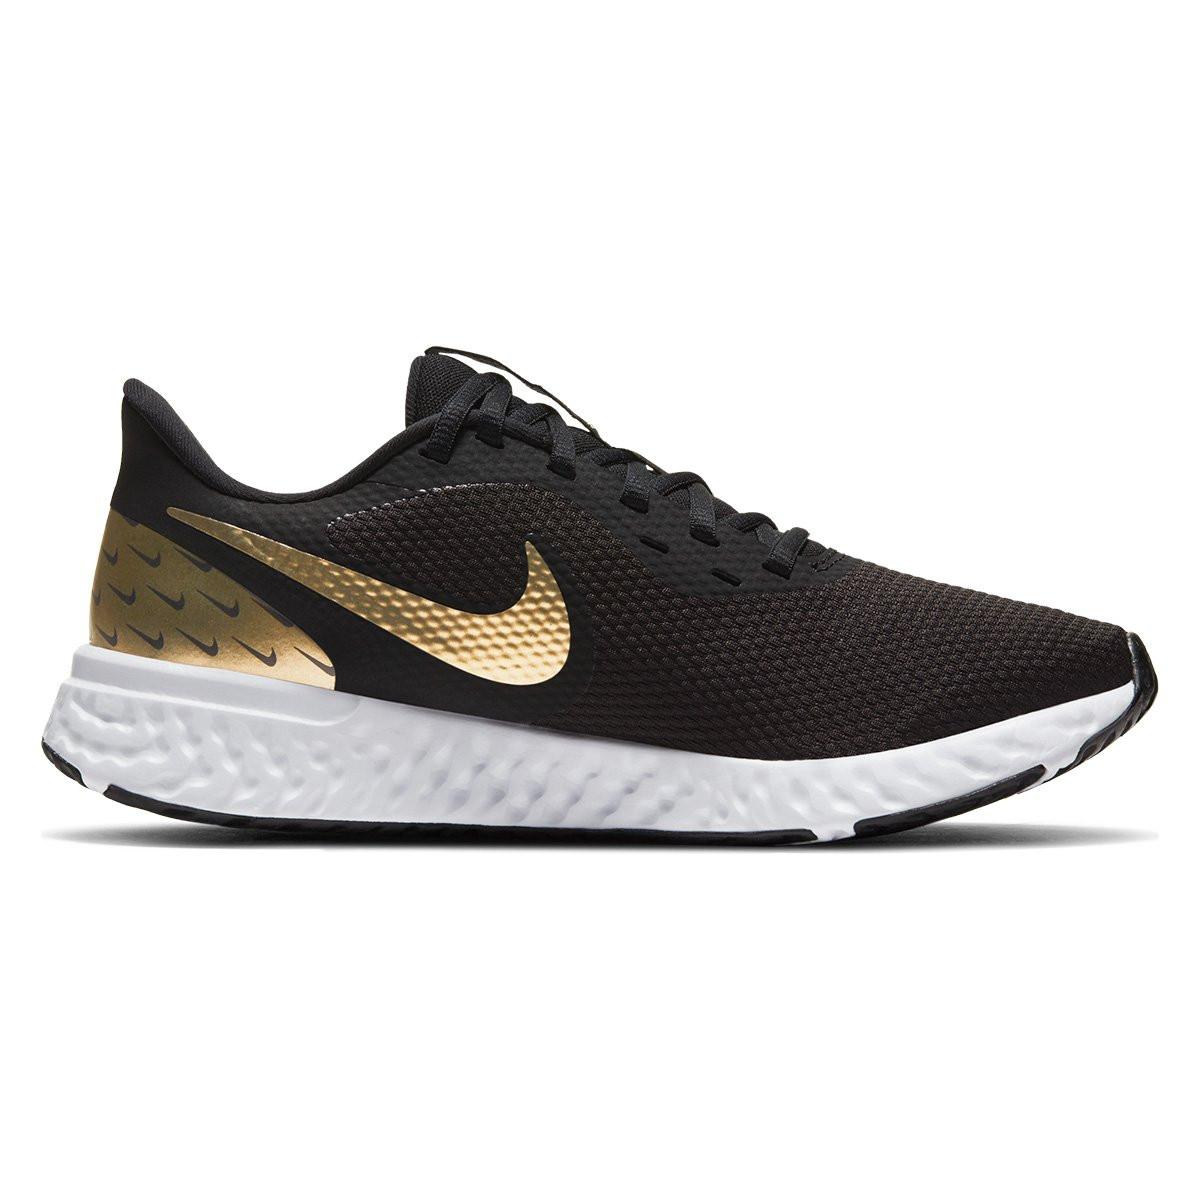 Tenis Esporte Nike Revolution 5 Premium